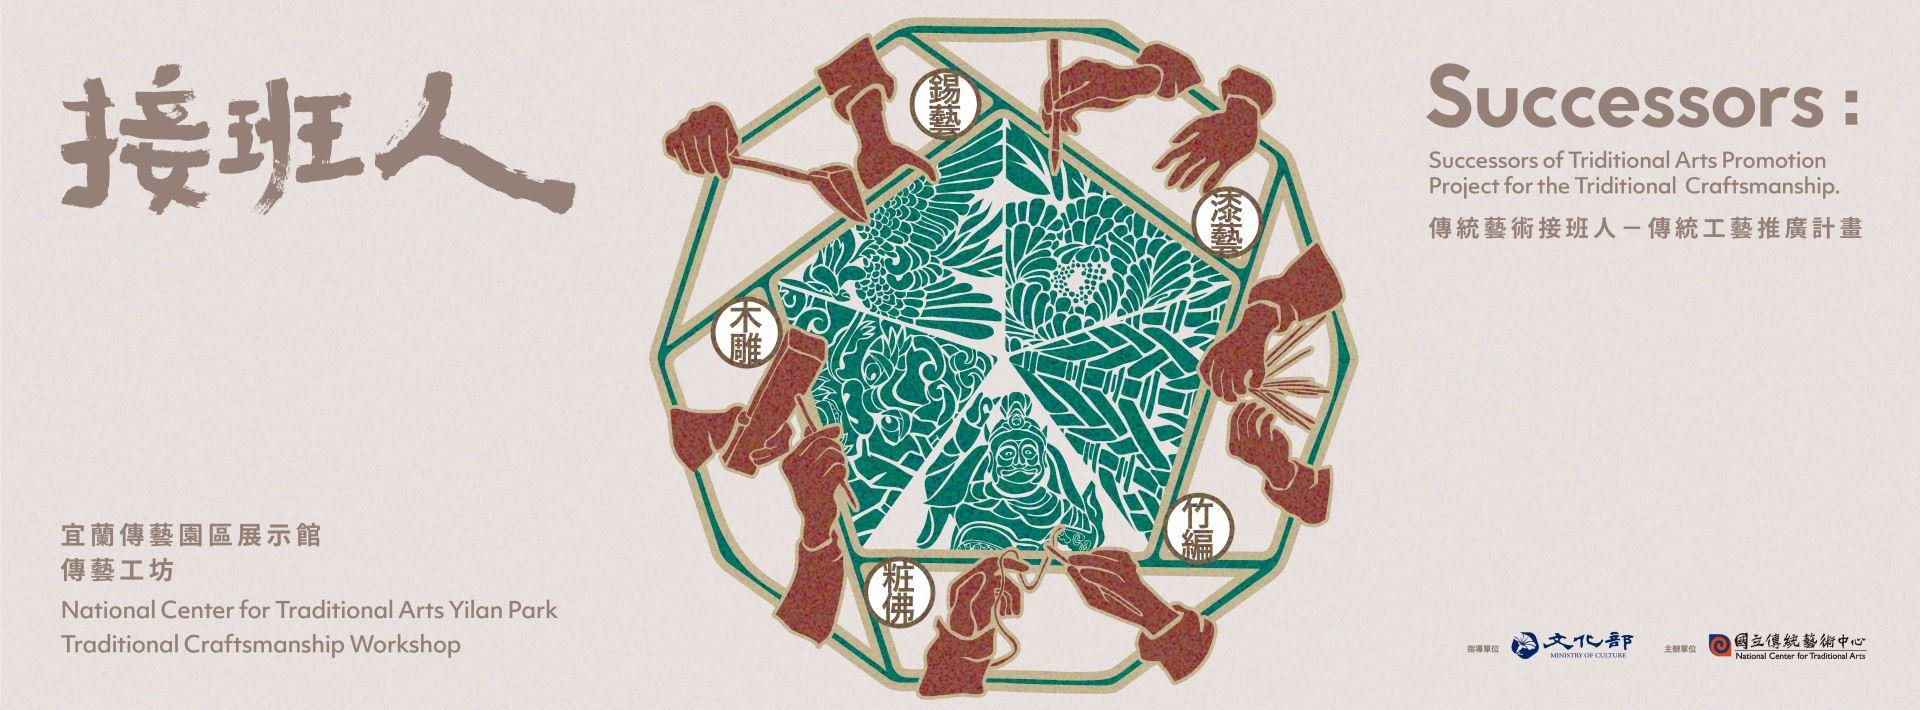 傳統藝術接班人-傳統工藝推廣計畫「新しいウィンドウを開く」